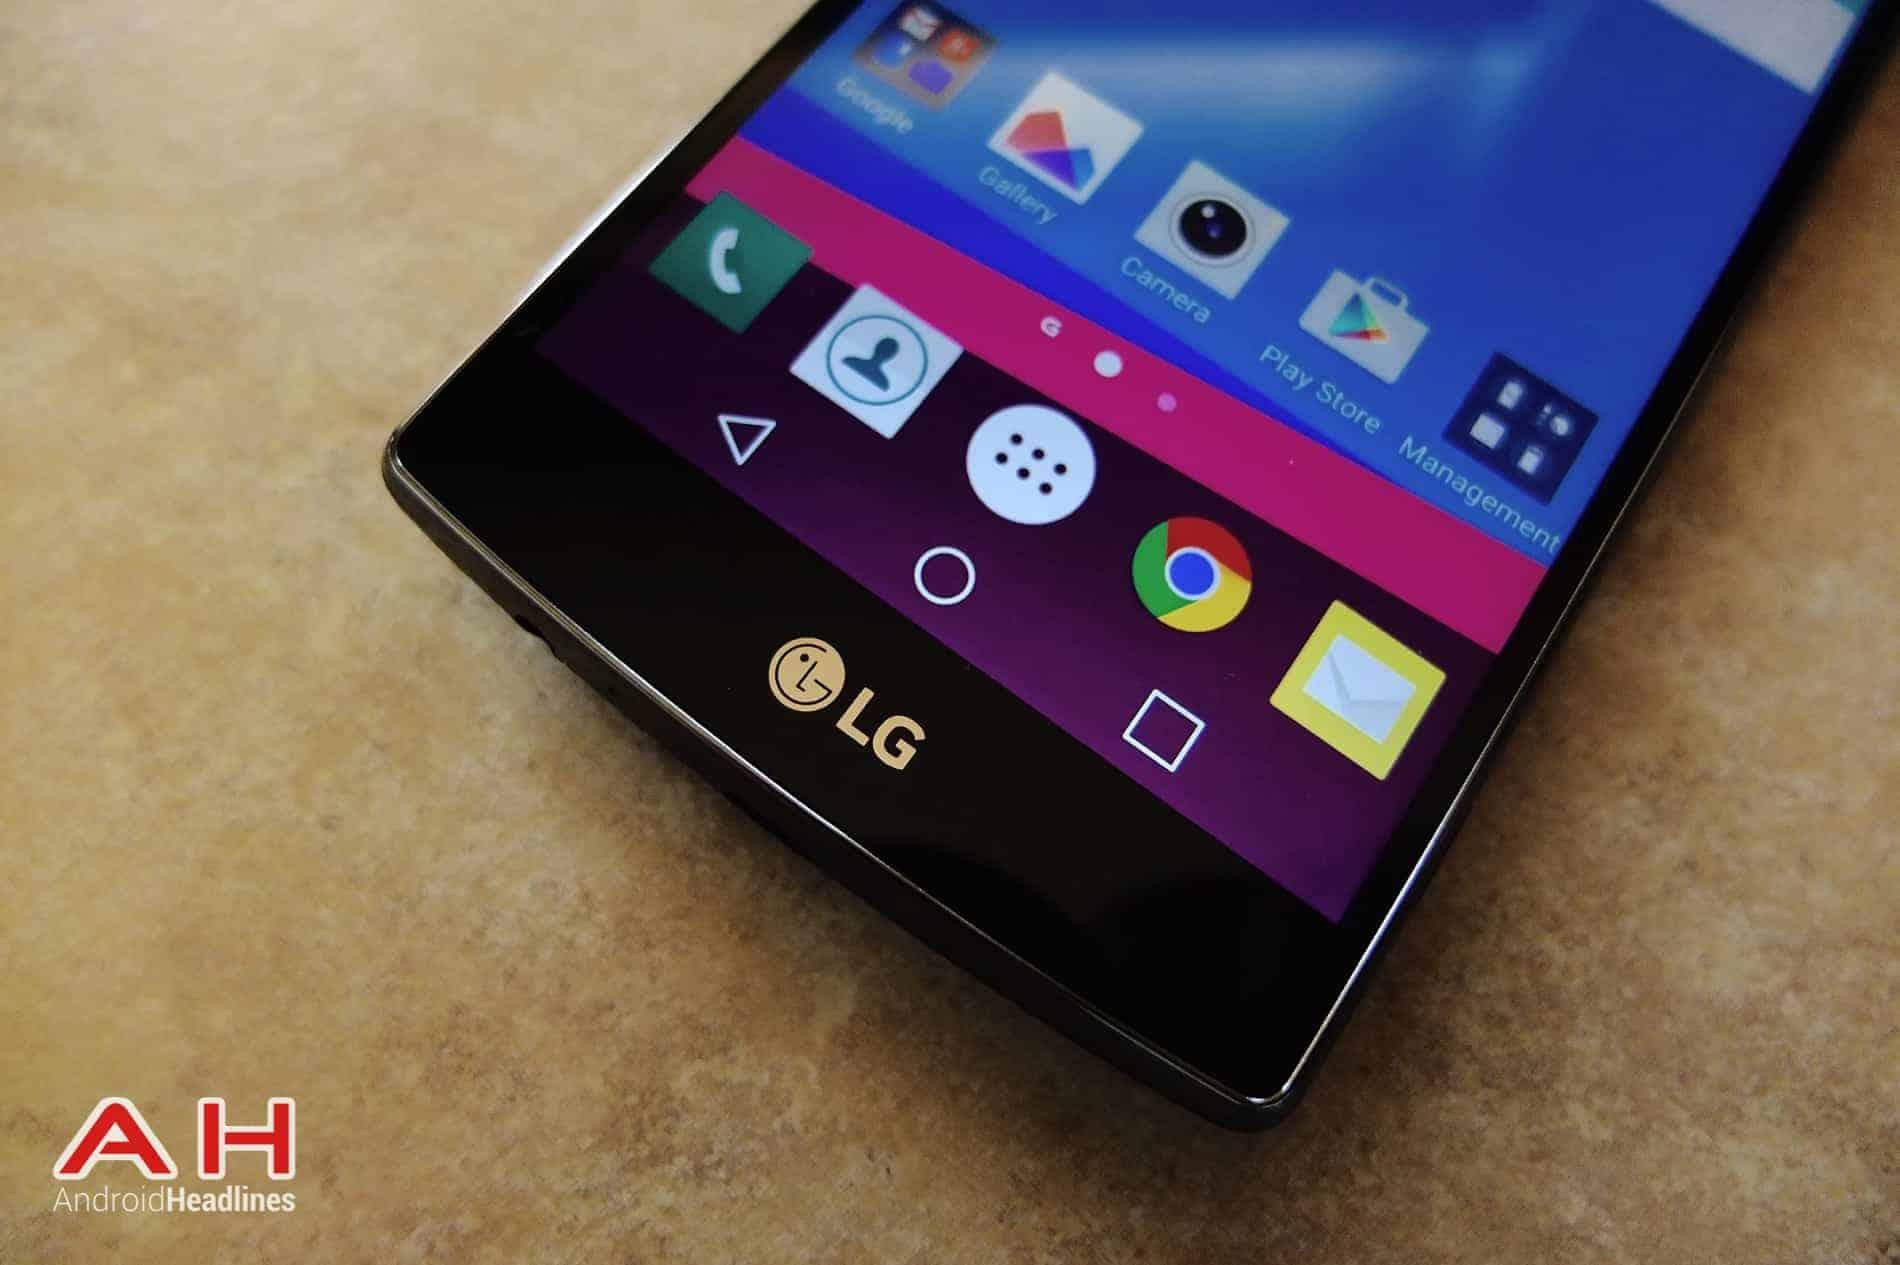 LG G4 AH TD 06